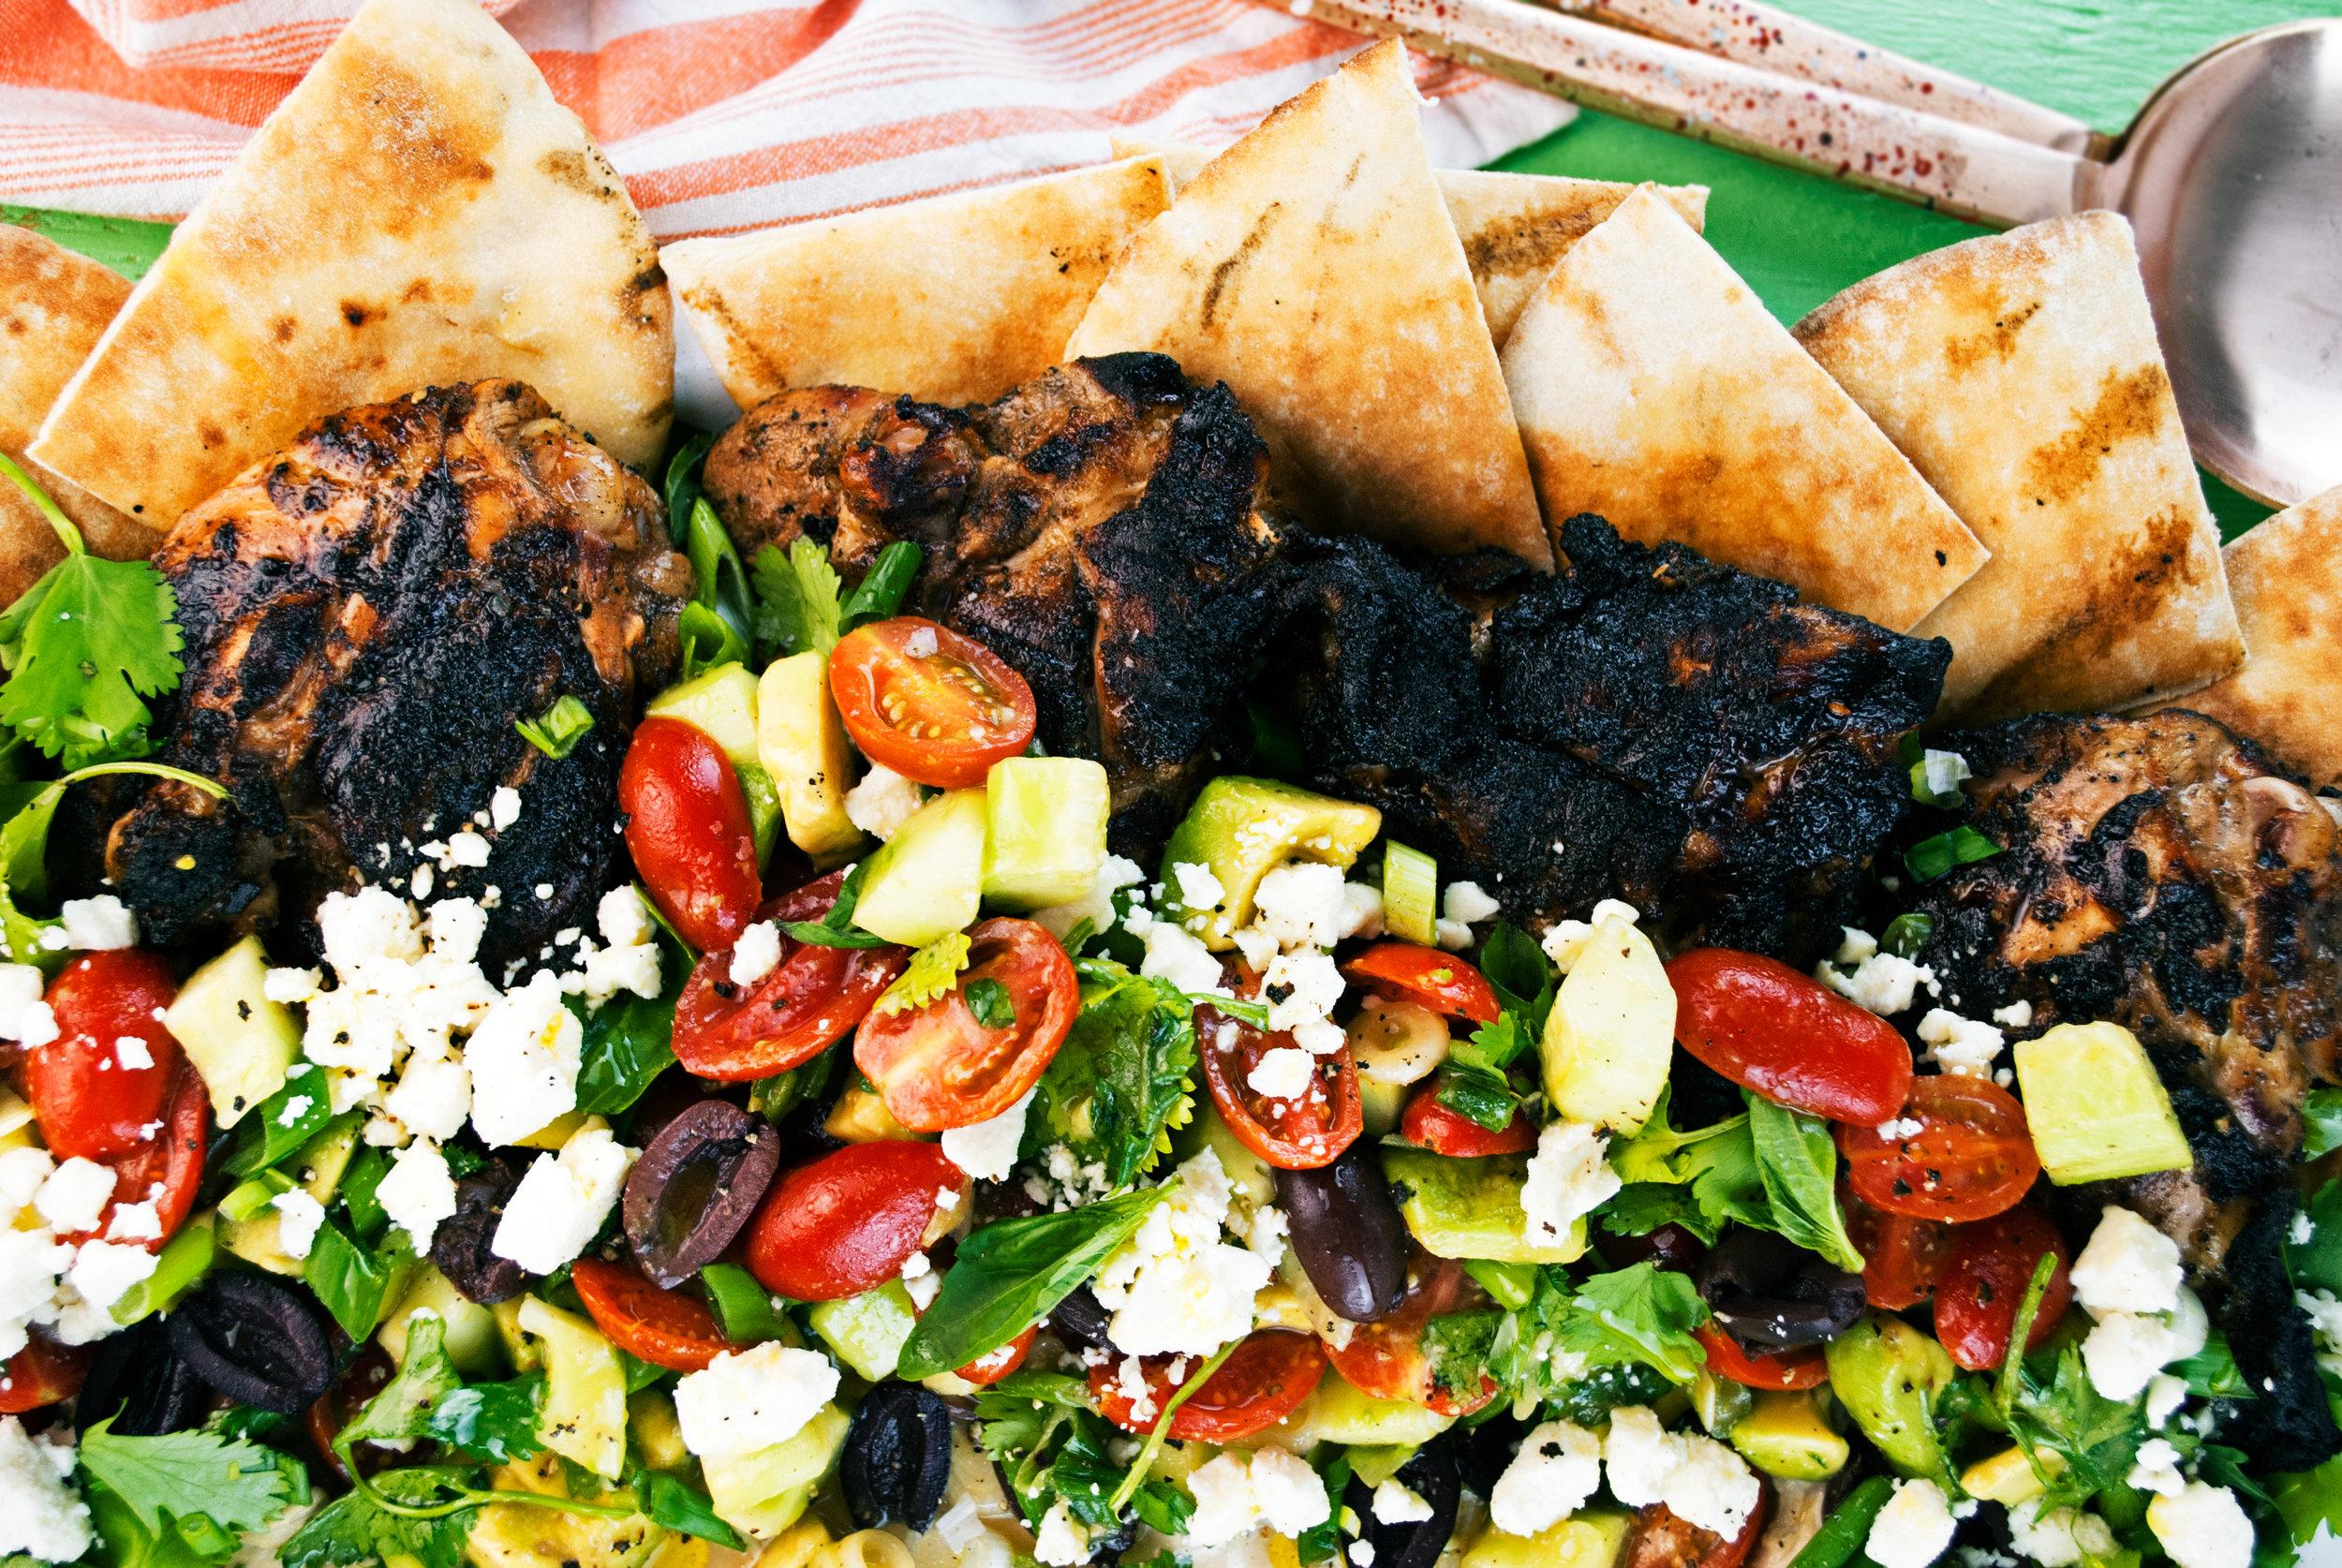 chickhummussalad 2.jpg